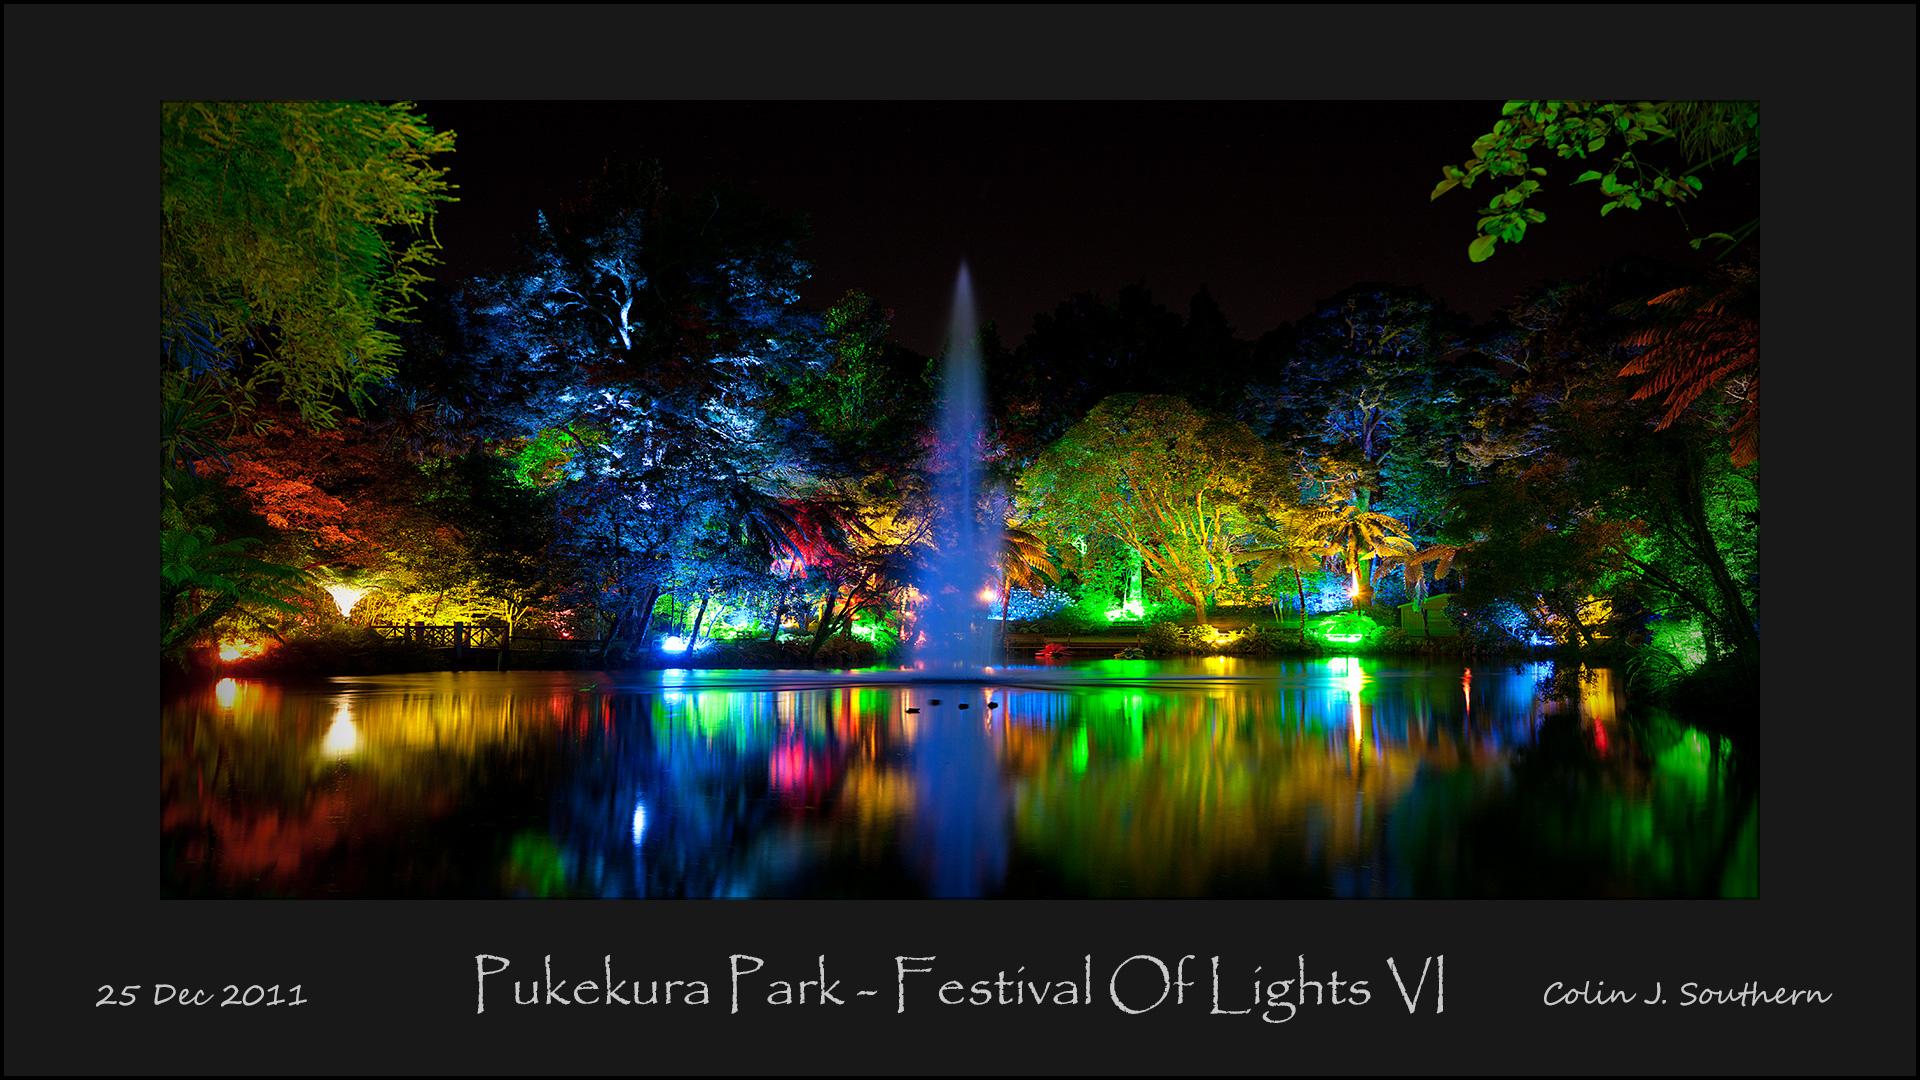 Festival of Lights - Pukekura Park - New Plymouth, NZ